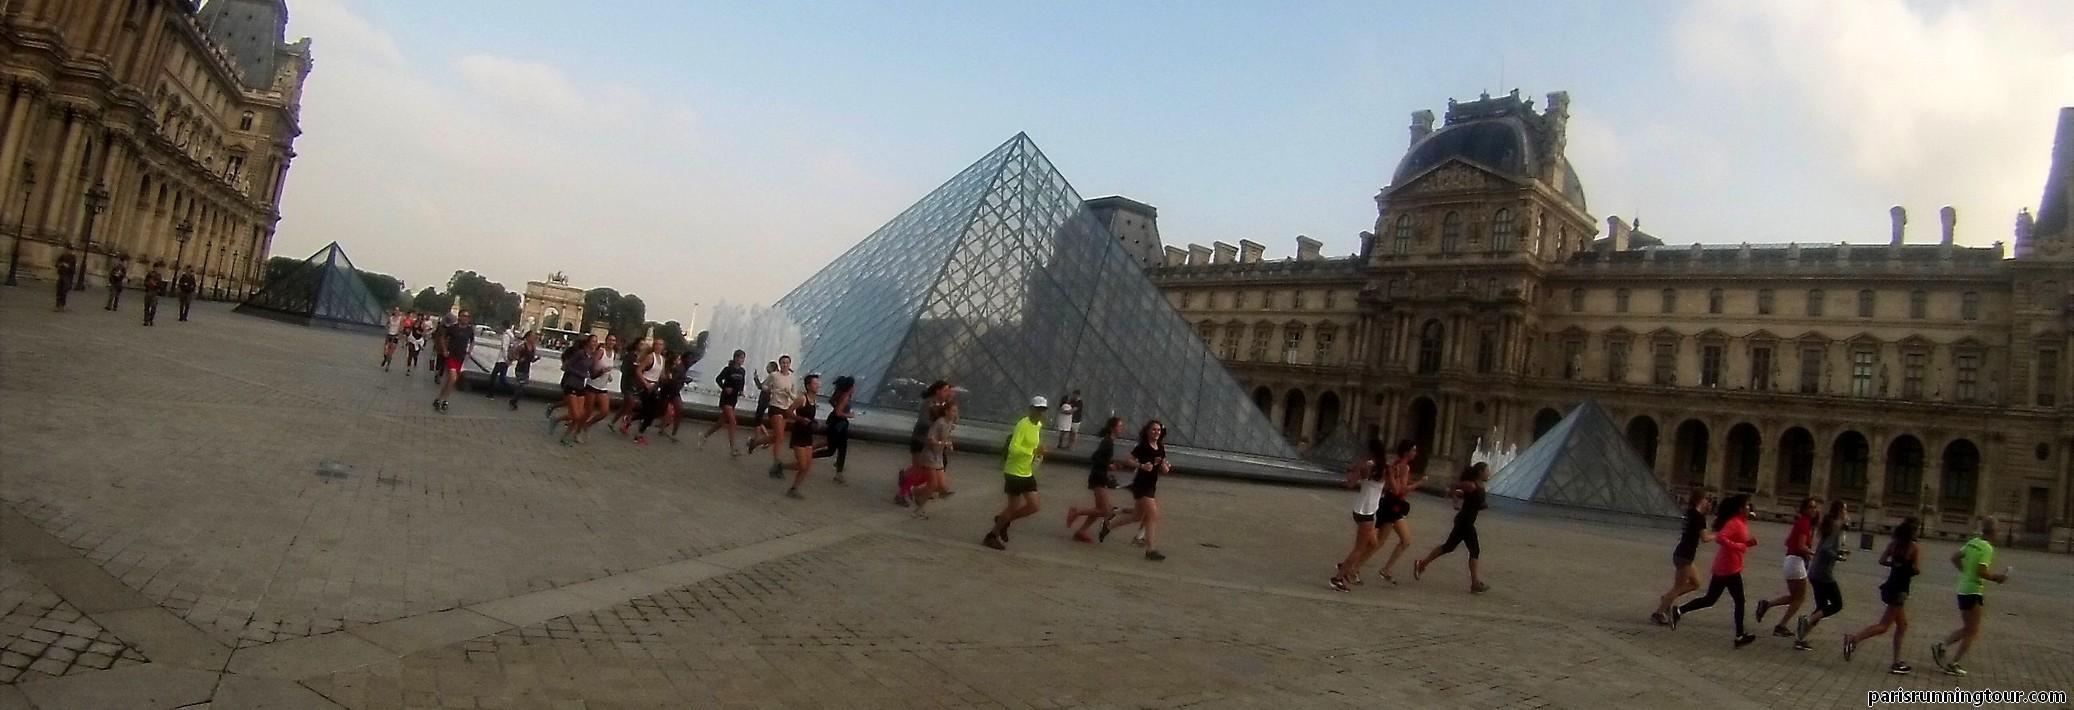 Courir devant la Pyramide du Louvre